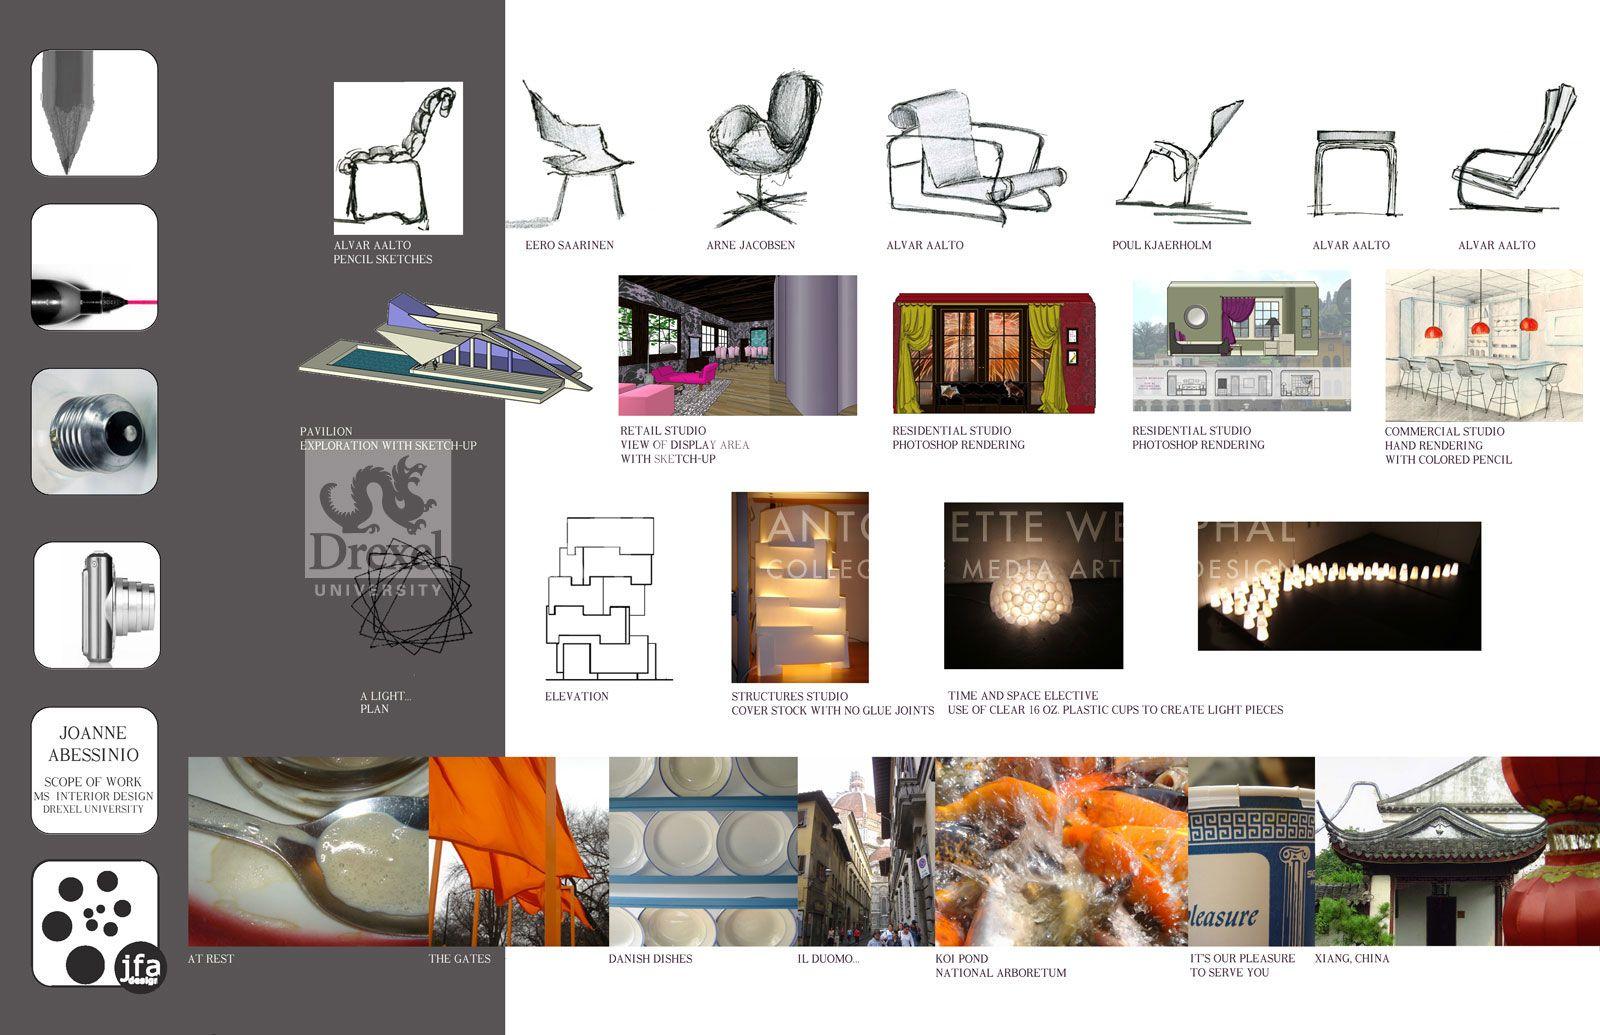 Portfolio Design Ideas jorge 1000 Images About Portfolio Design On Pinterest Portfolio Book Interior Design Portfolios And Photography Portfolio